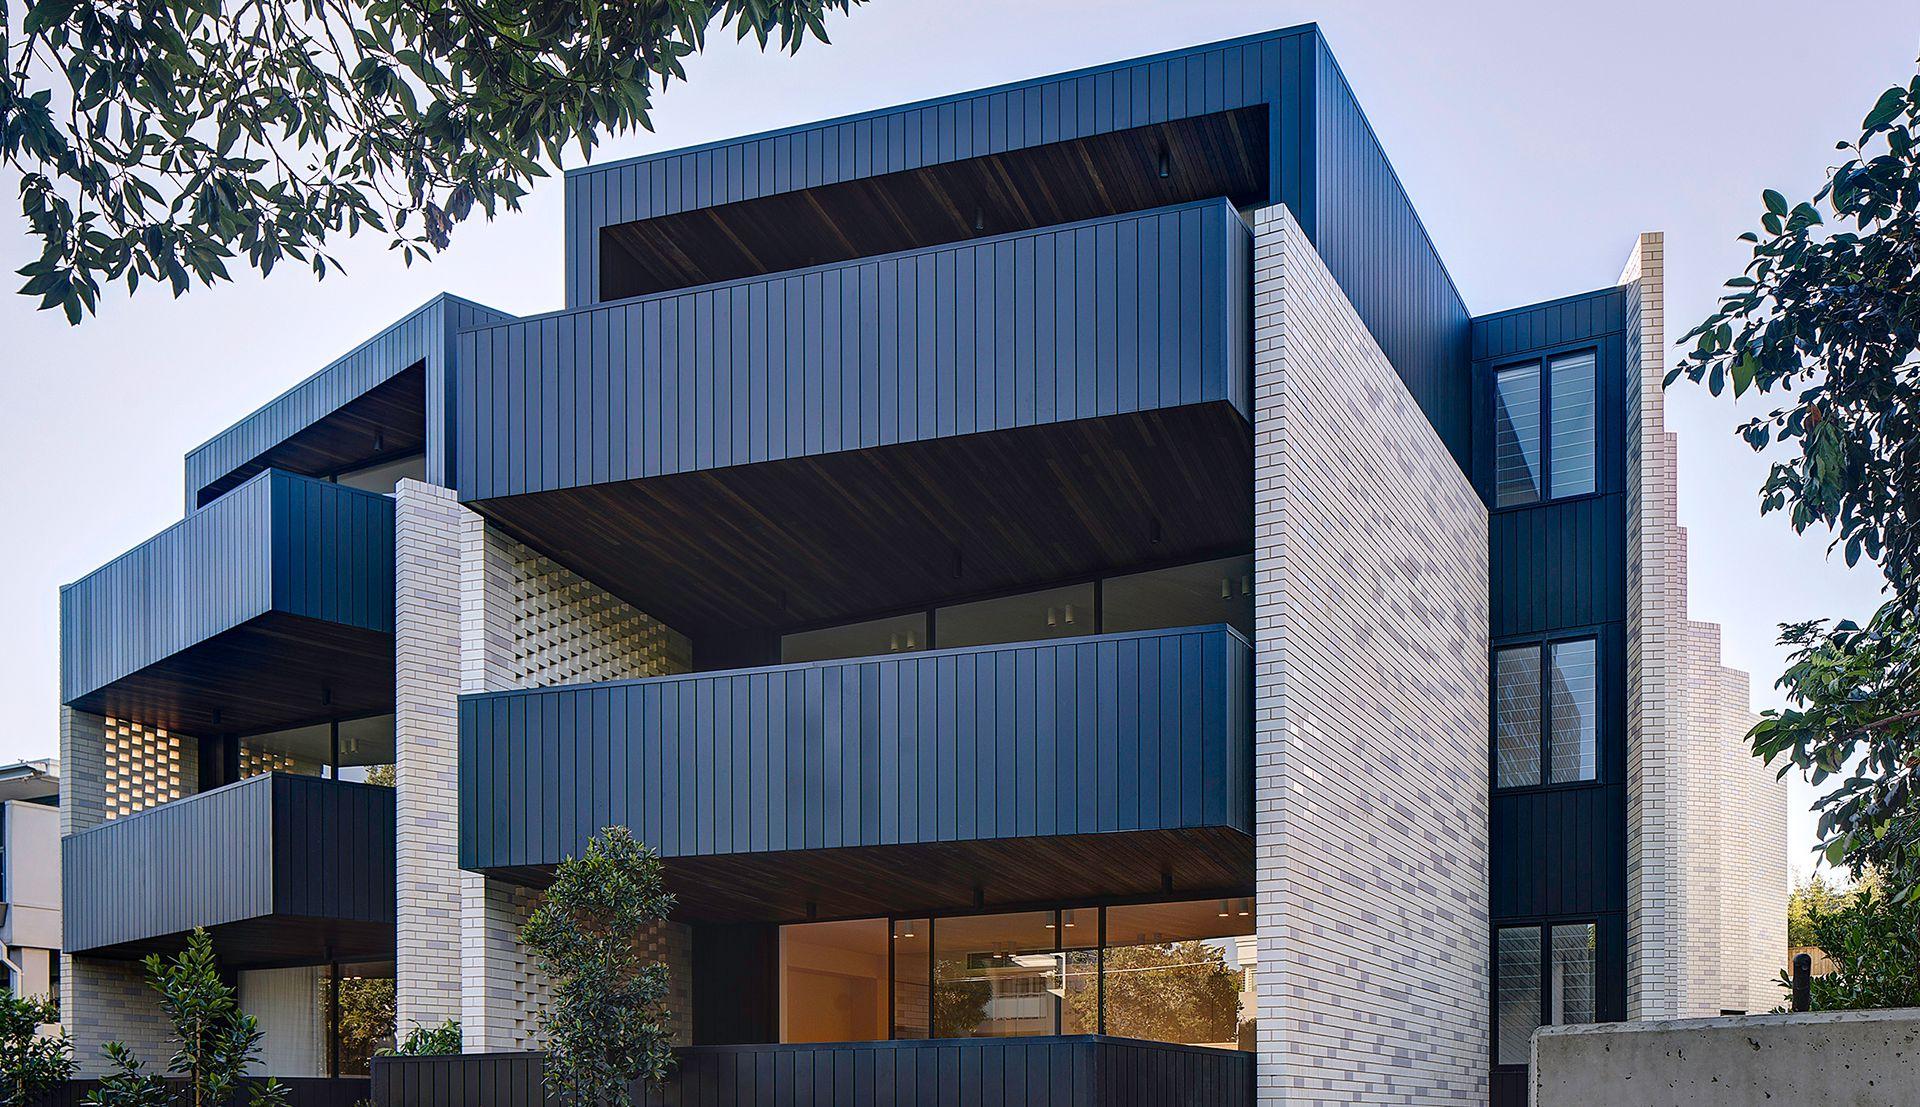 2019 Winner - Design New Buildings Multiple Housing